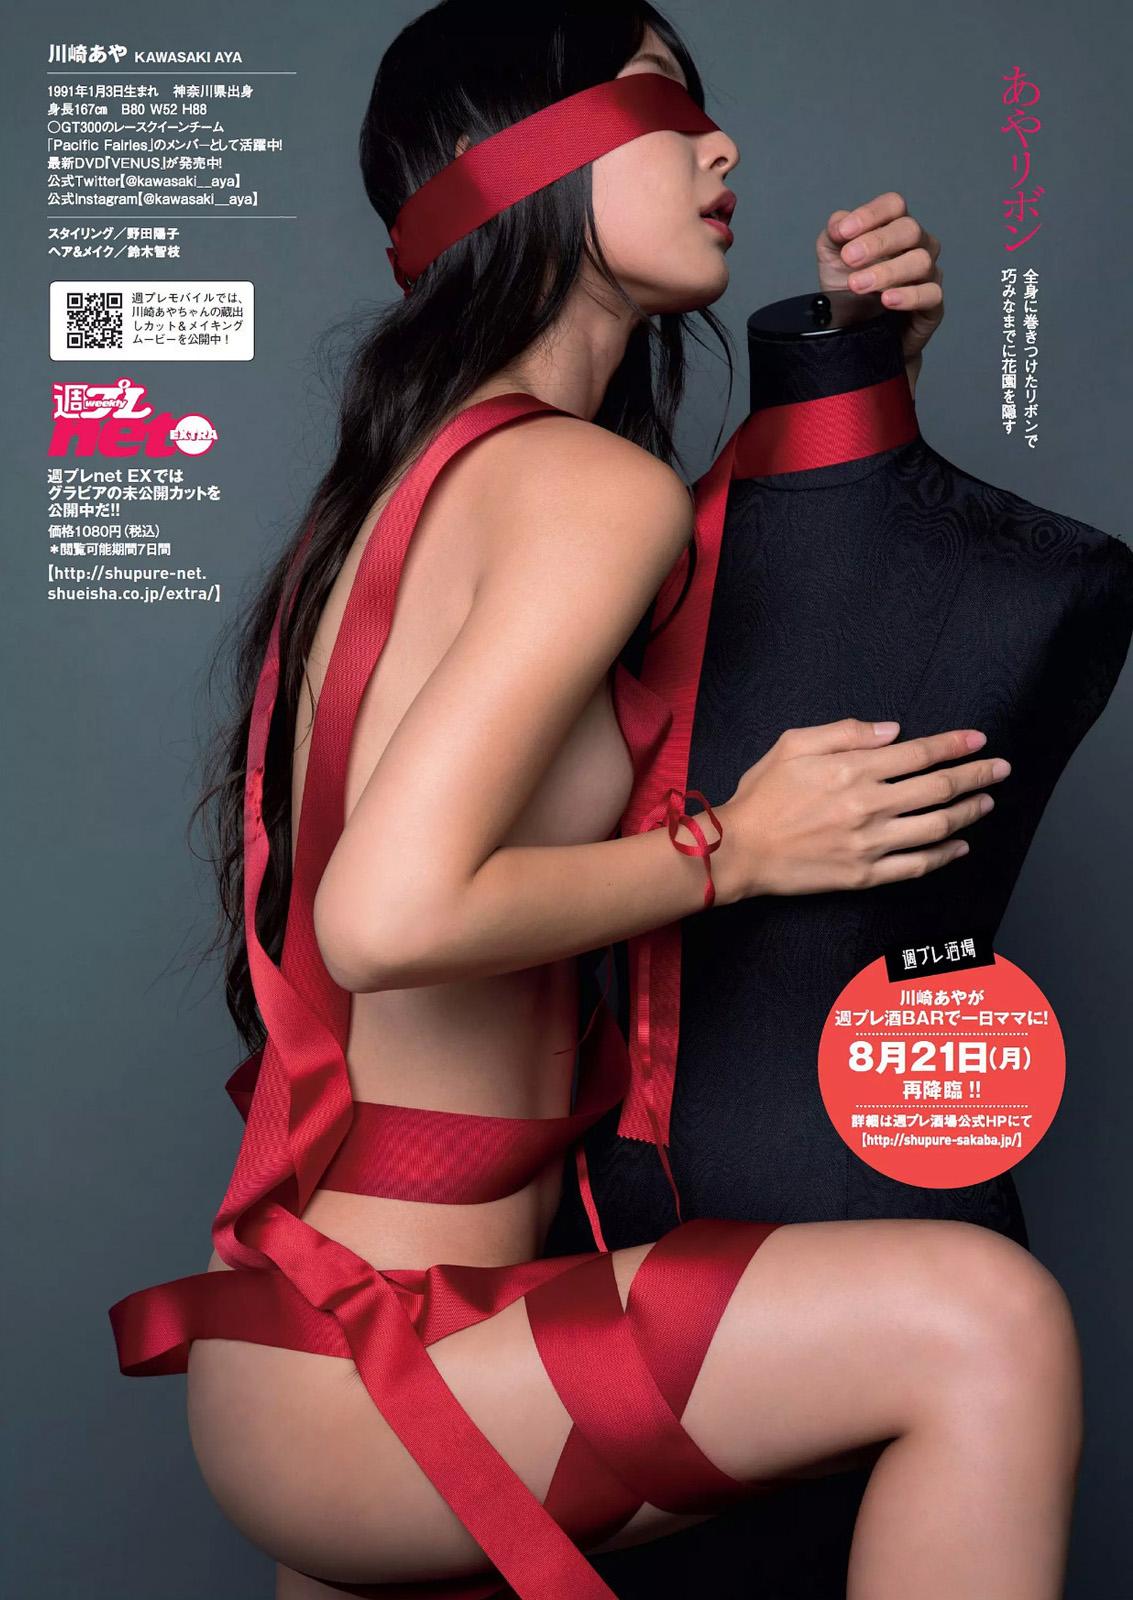 Aya Kawasaki 川崎あや, Weekly Playboy 2017 No.36 (週刊プレイボーイ 2017年36号)